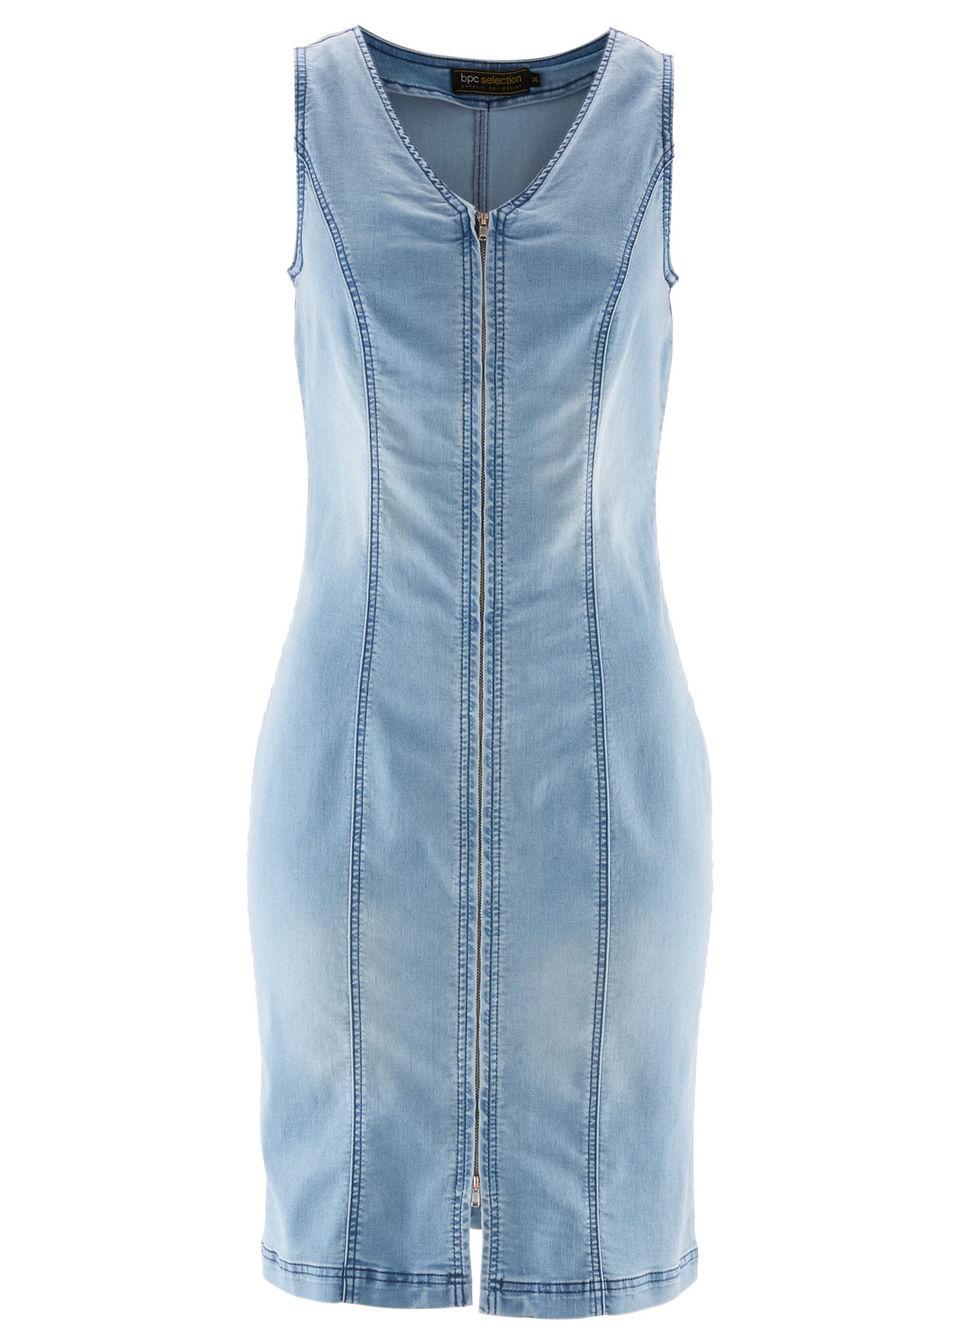 263a242d27e9 Rifľové šaty - najpohodlnejšia voľba do práce alebo na kávu s kamoškami!